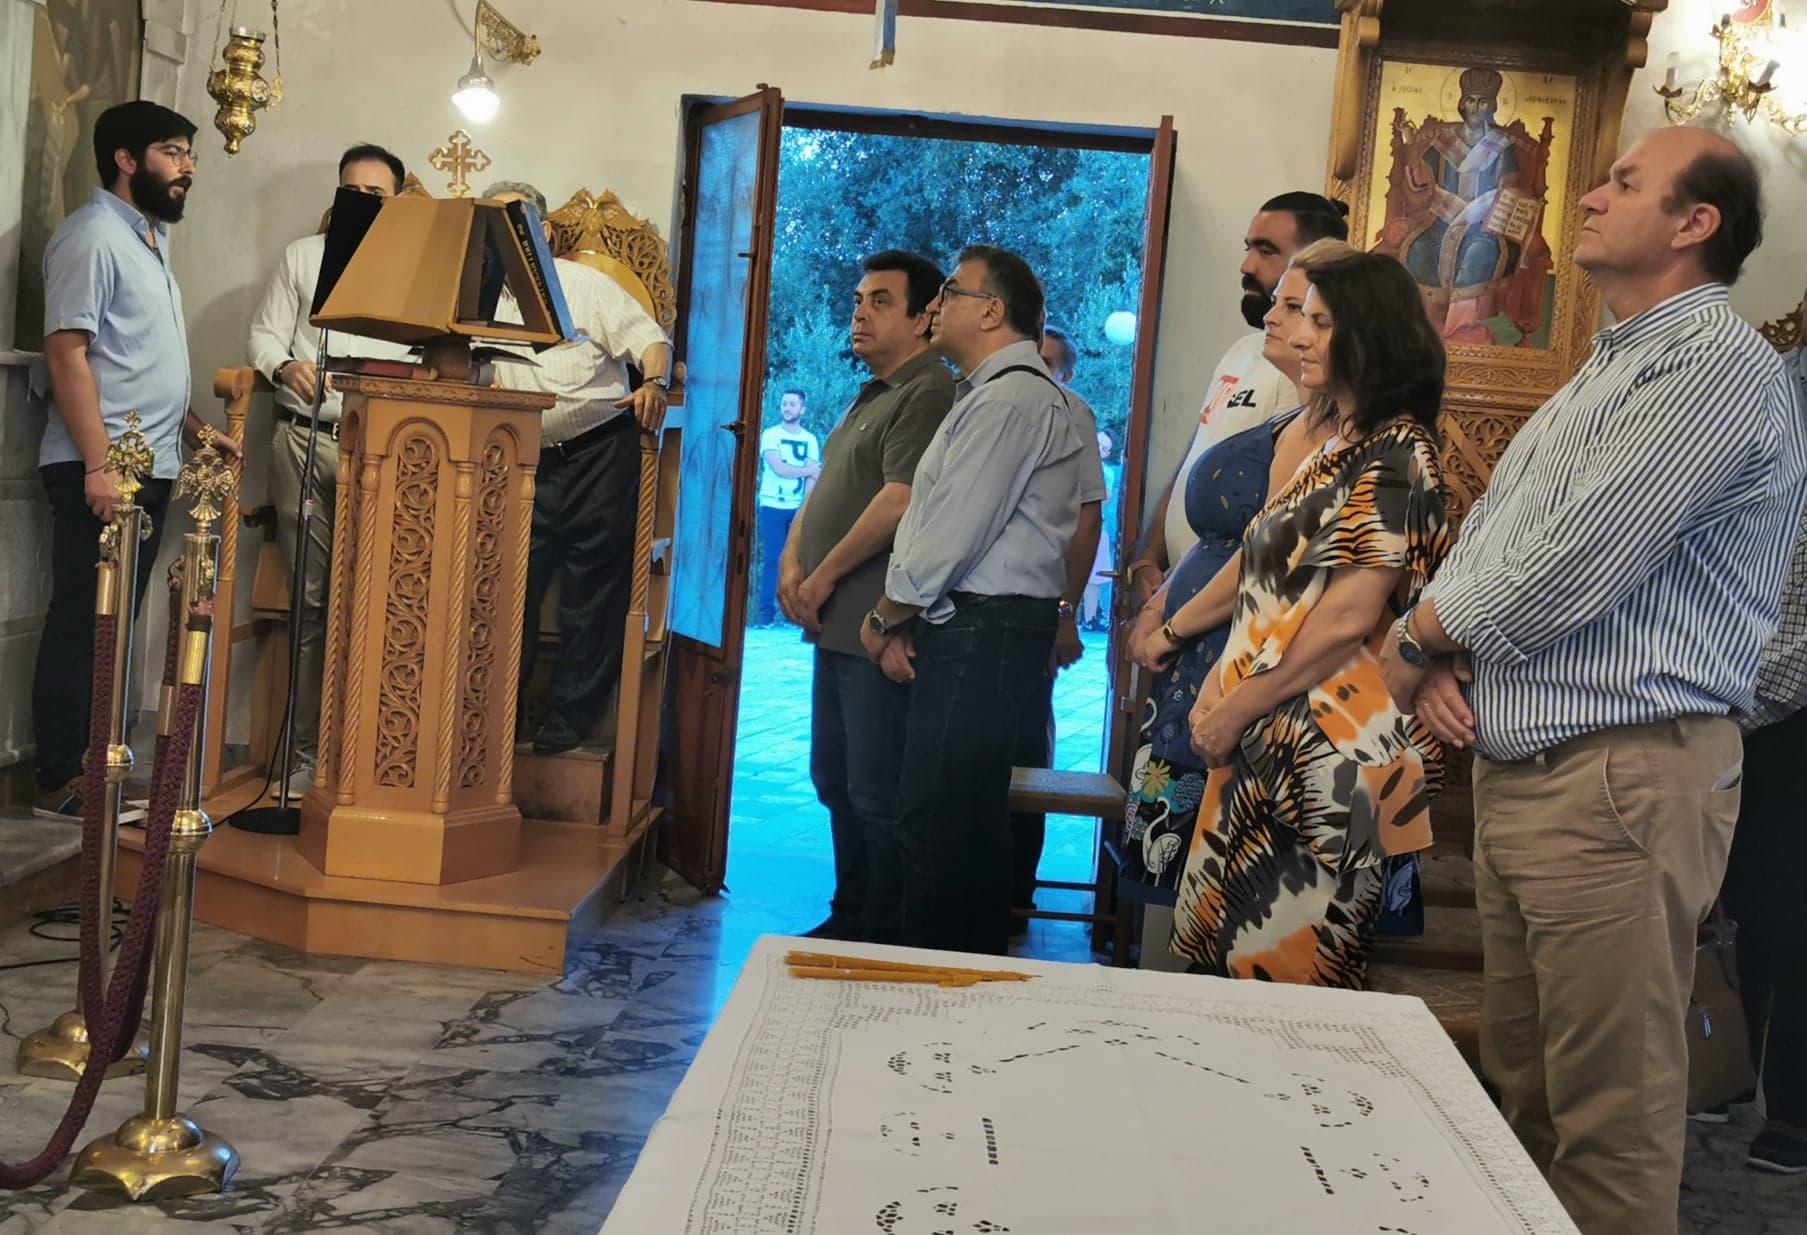 Οι Θεμελιωτές της Εκκλησίας μας Πέτρος και Παύλος, εορτάστηκαν με ιεροπρέπεια στην Χαριά Πύργου